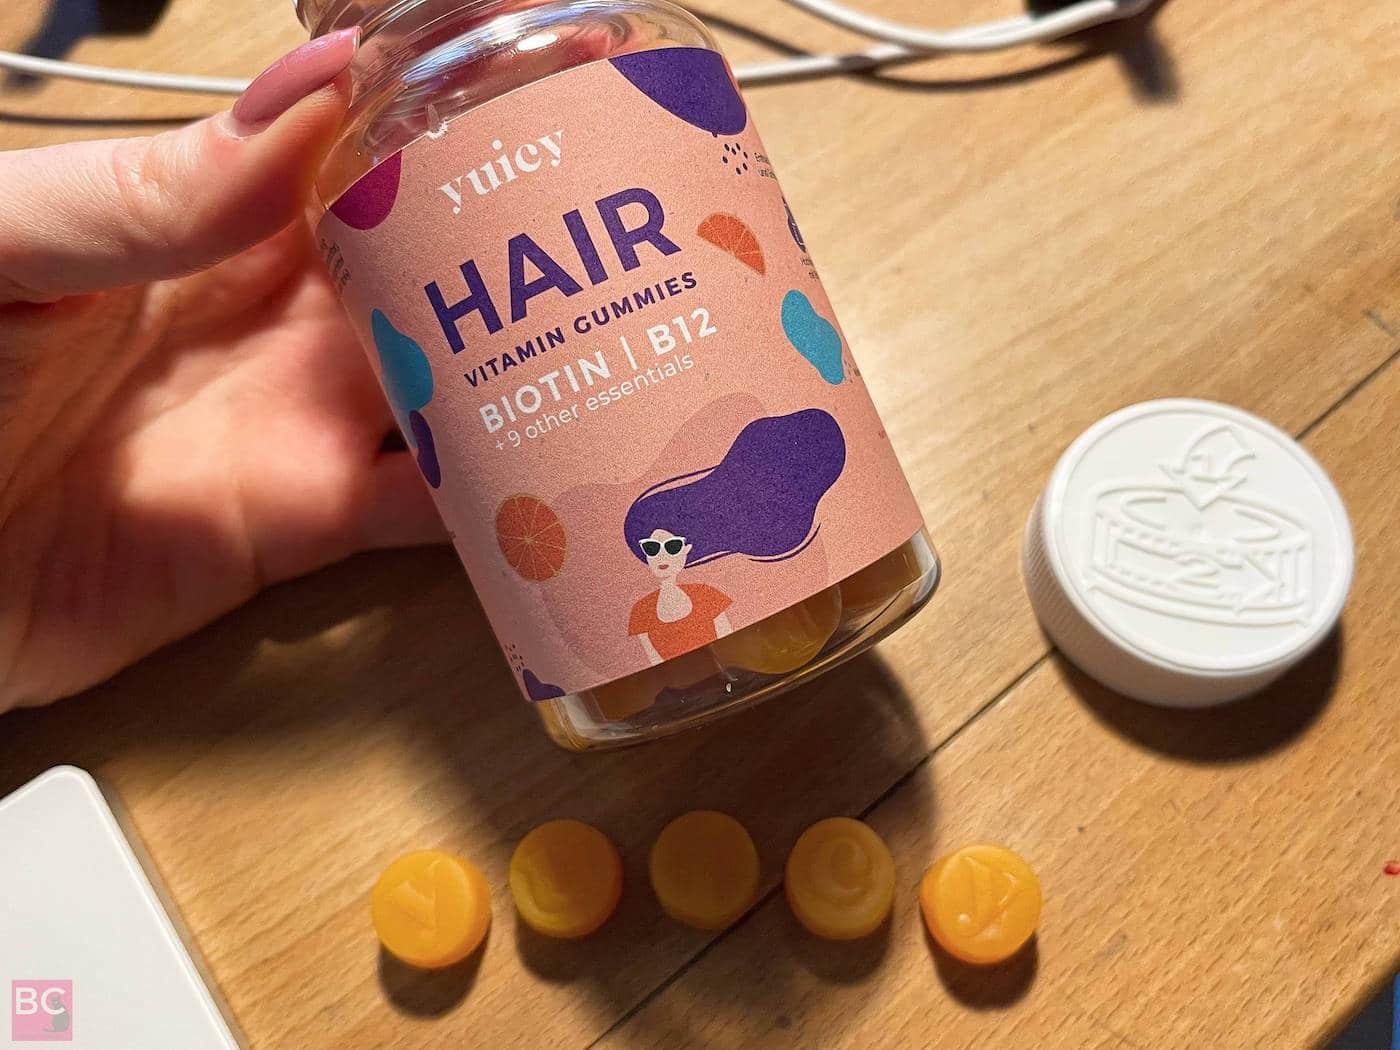 YUICY Vitamingums Erfahrungen Vitamingummies 90 Tage Hair Kur